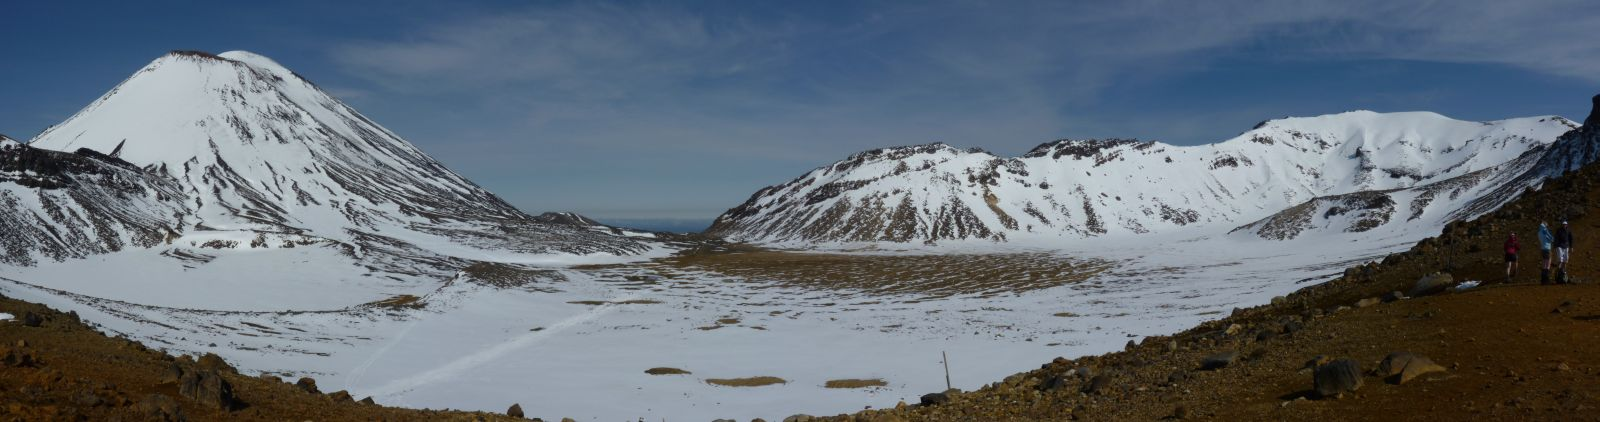 tongariro-alpine-crossing-5